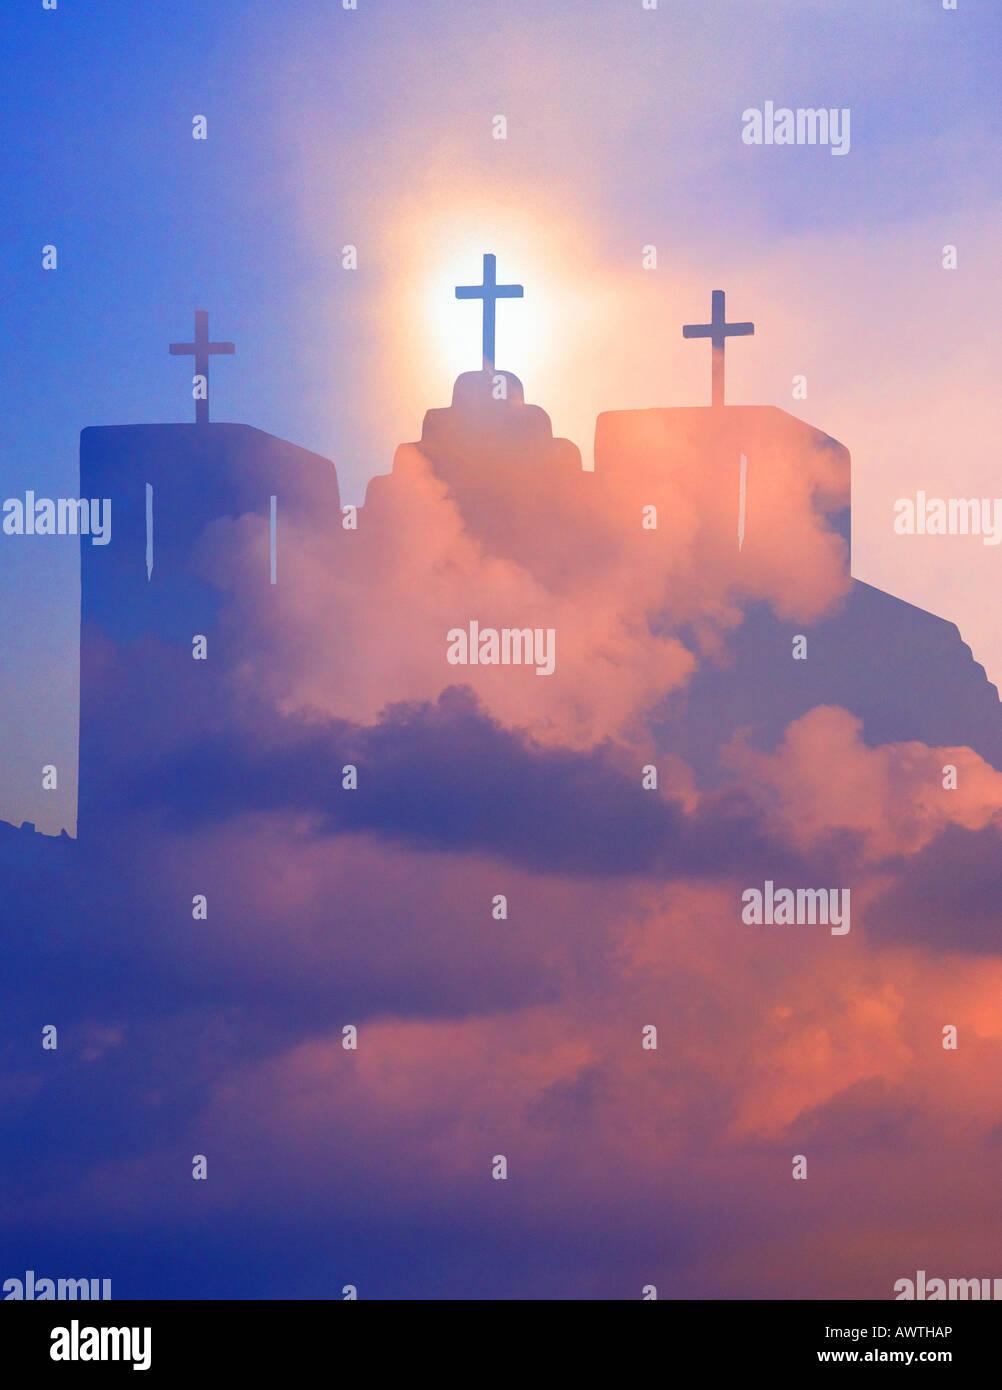 Iglesia con tres cruces, New México Imagen De Stock